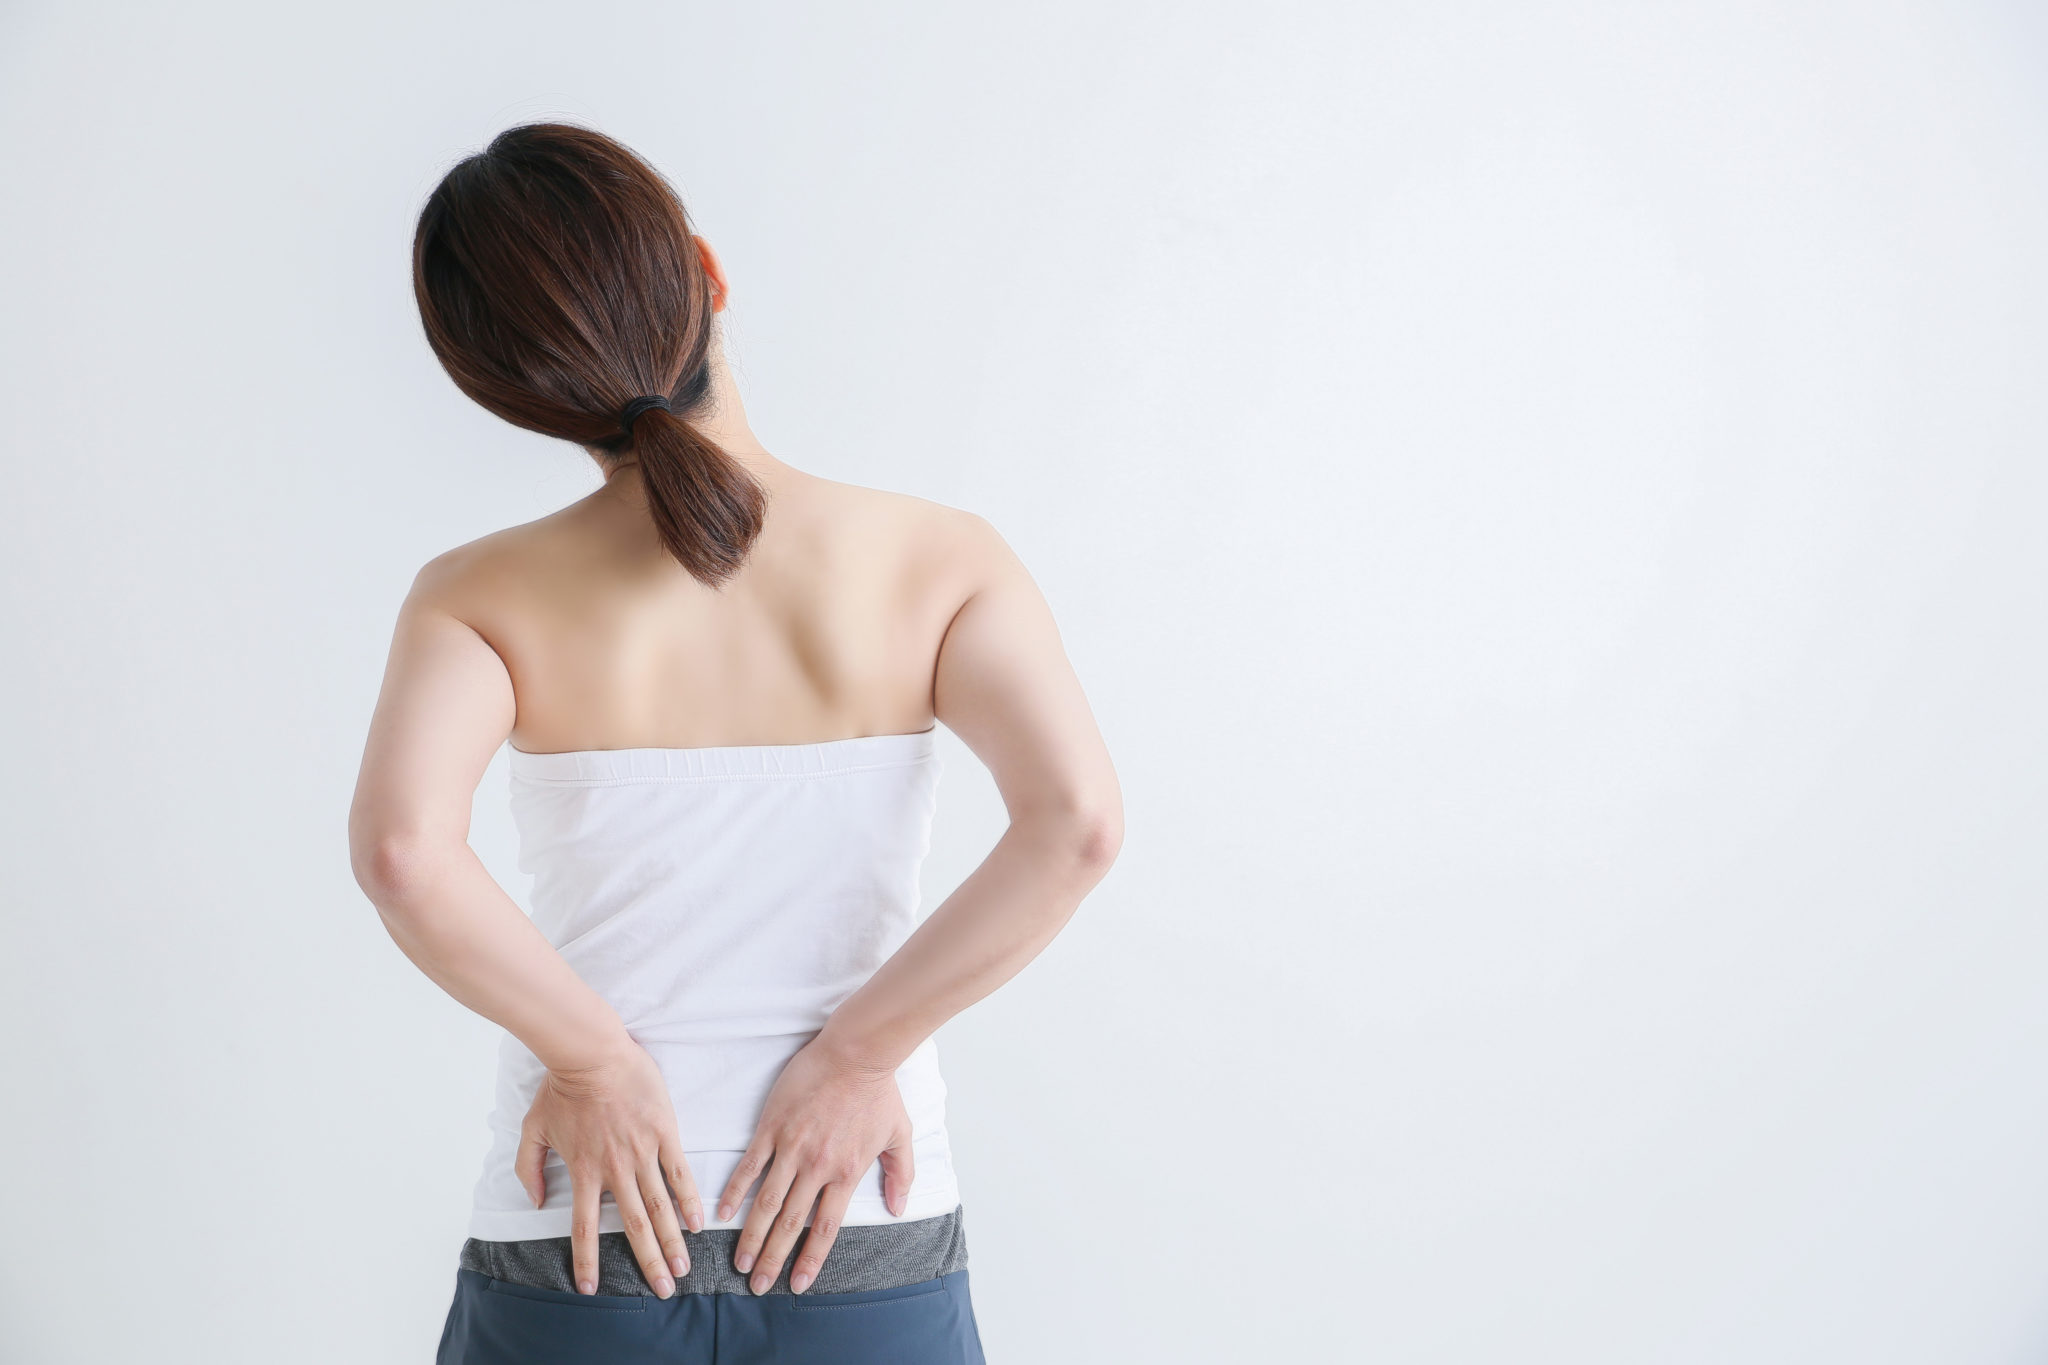 腰痛與腎虛有著密切的關係